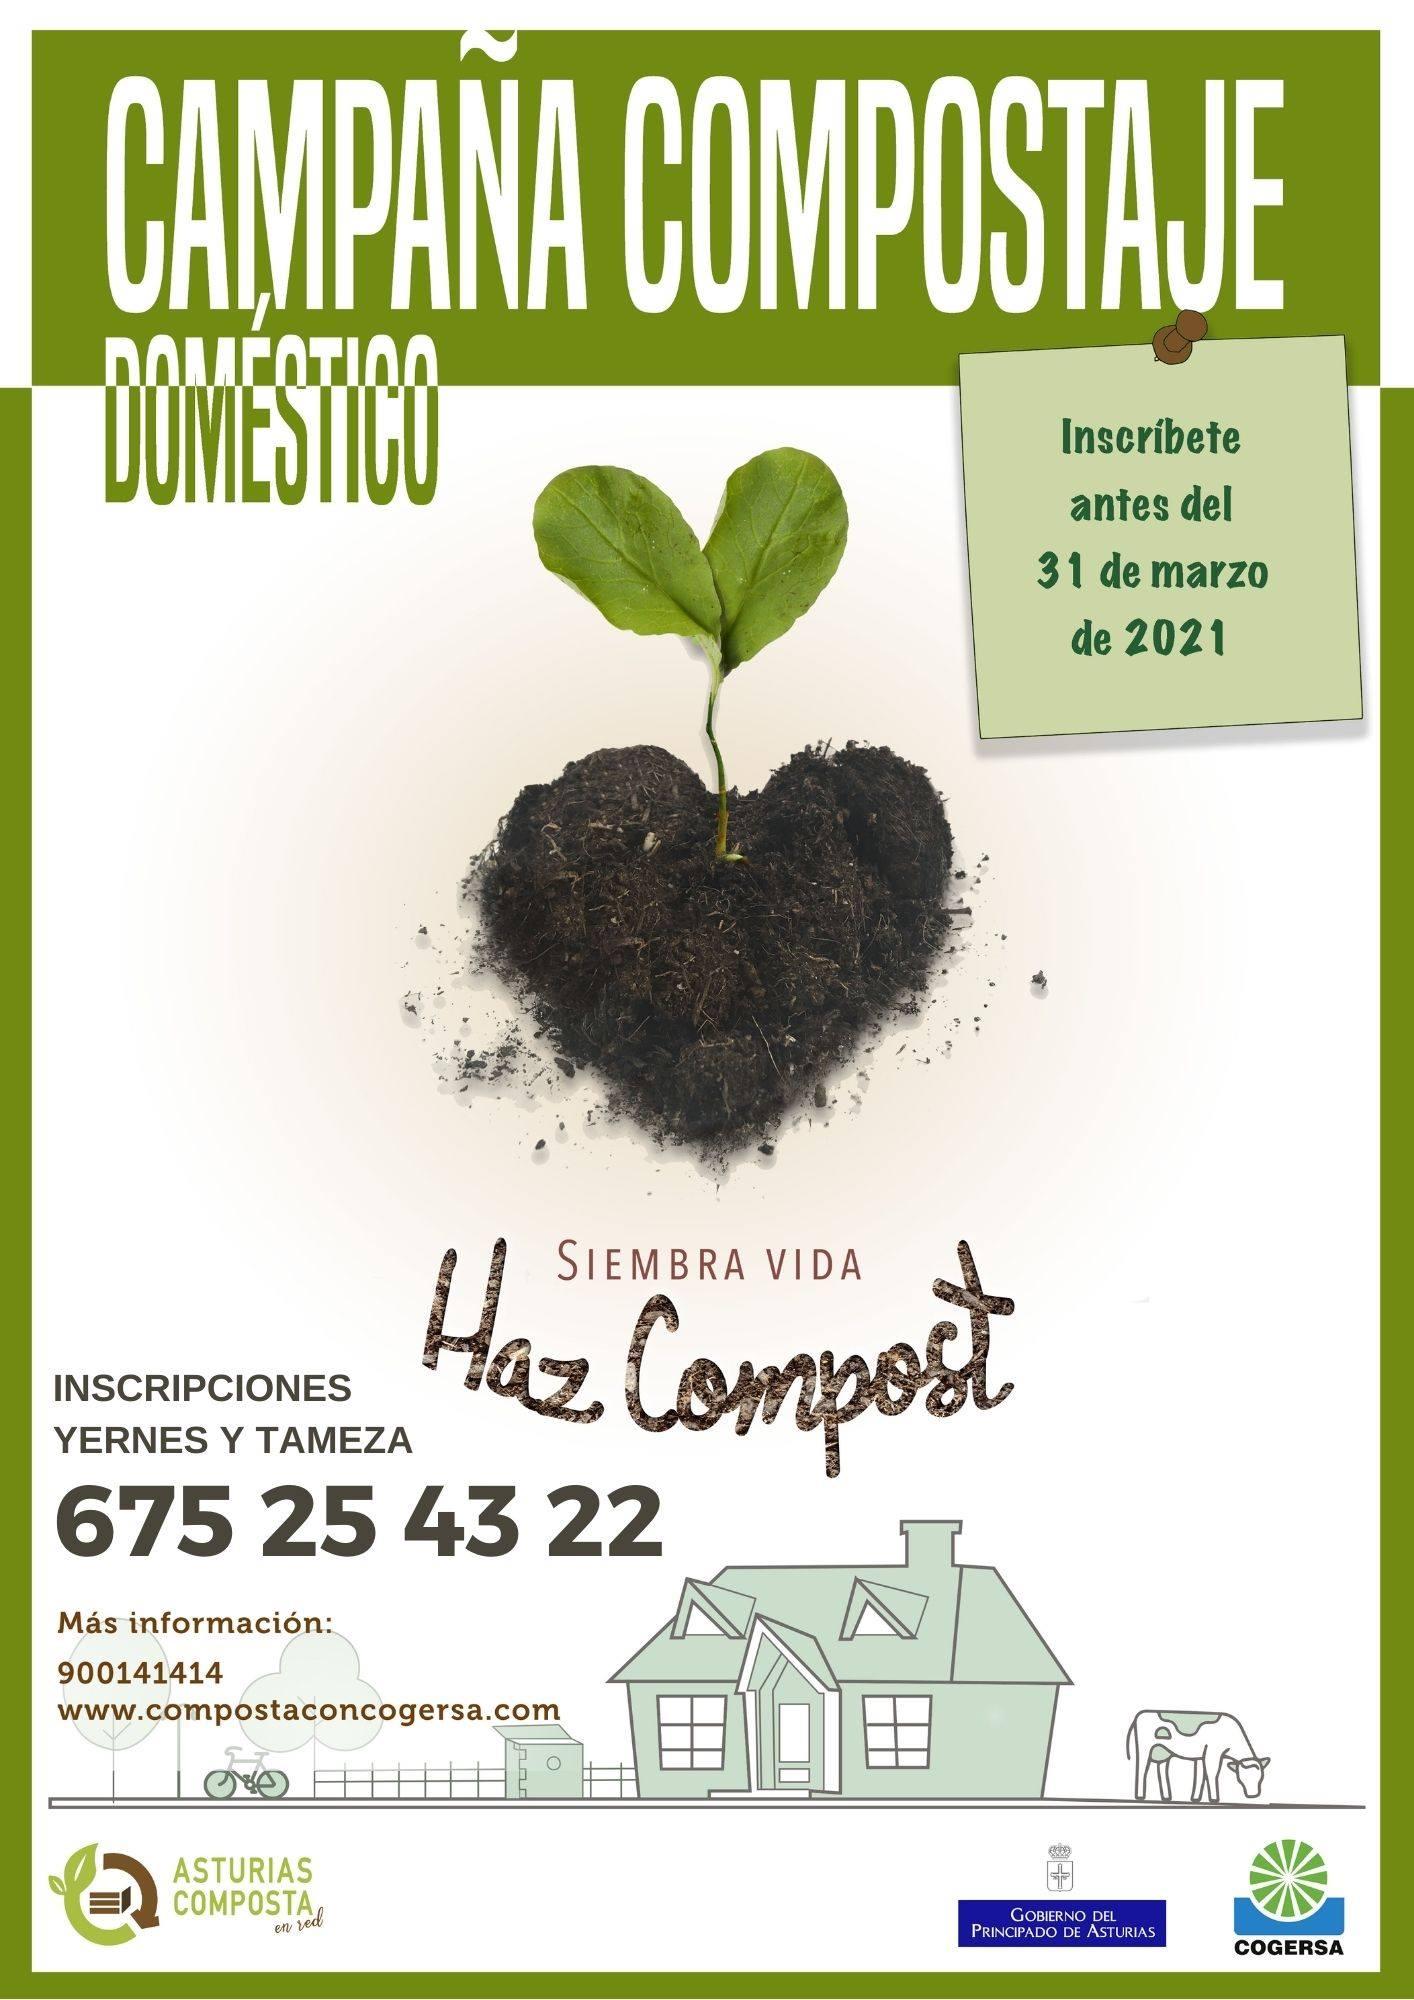 Campaña de compostaje doméstico (2021) - Yernes y Tameza (Asturias)